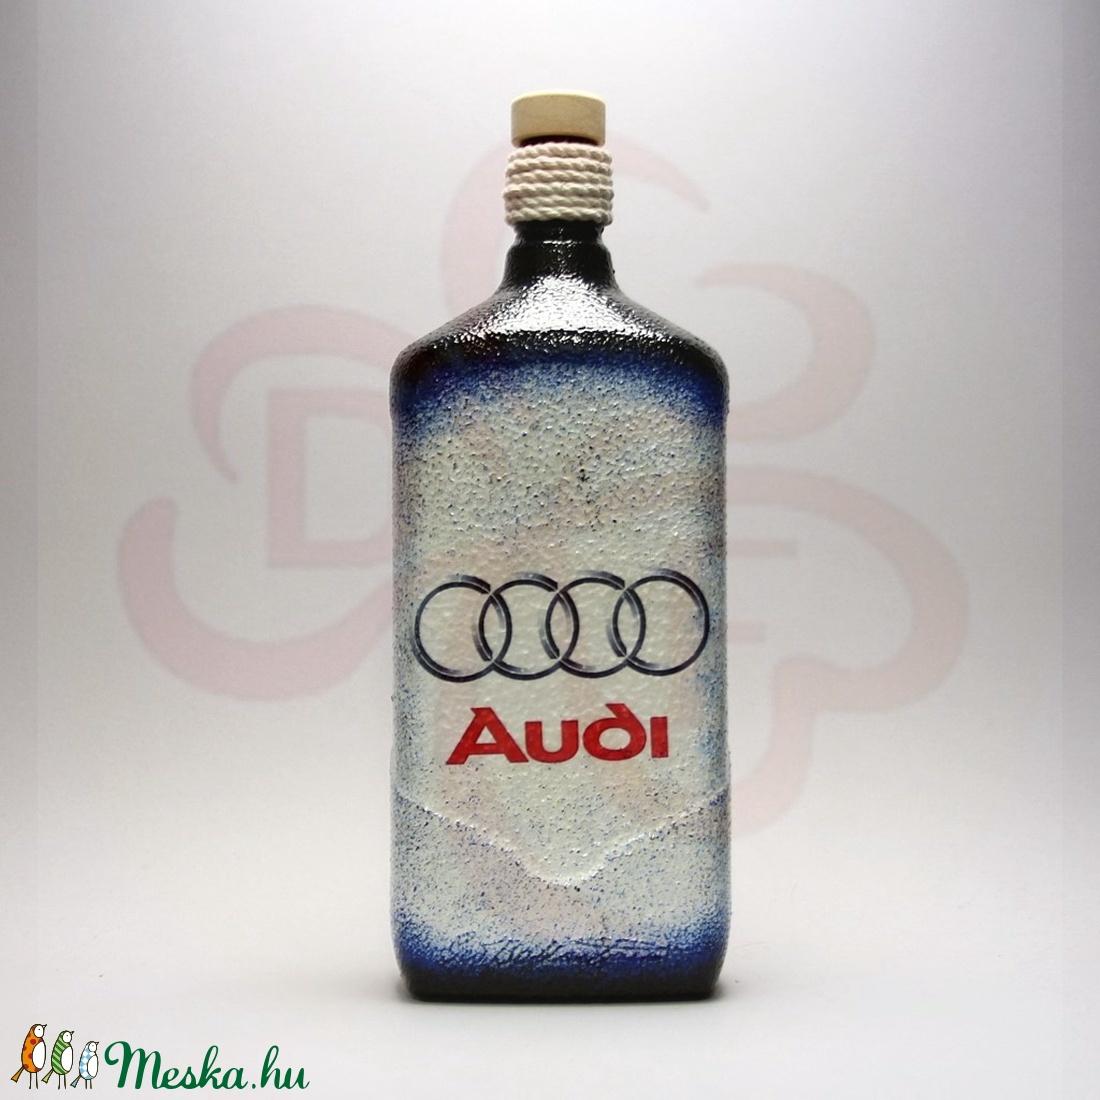 Audi pálinkás üveg audi rajongóknak (decorfantasy) - Meska.hu